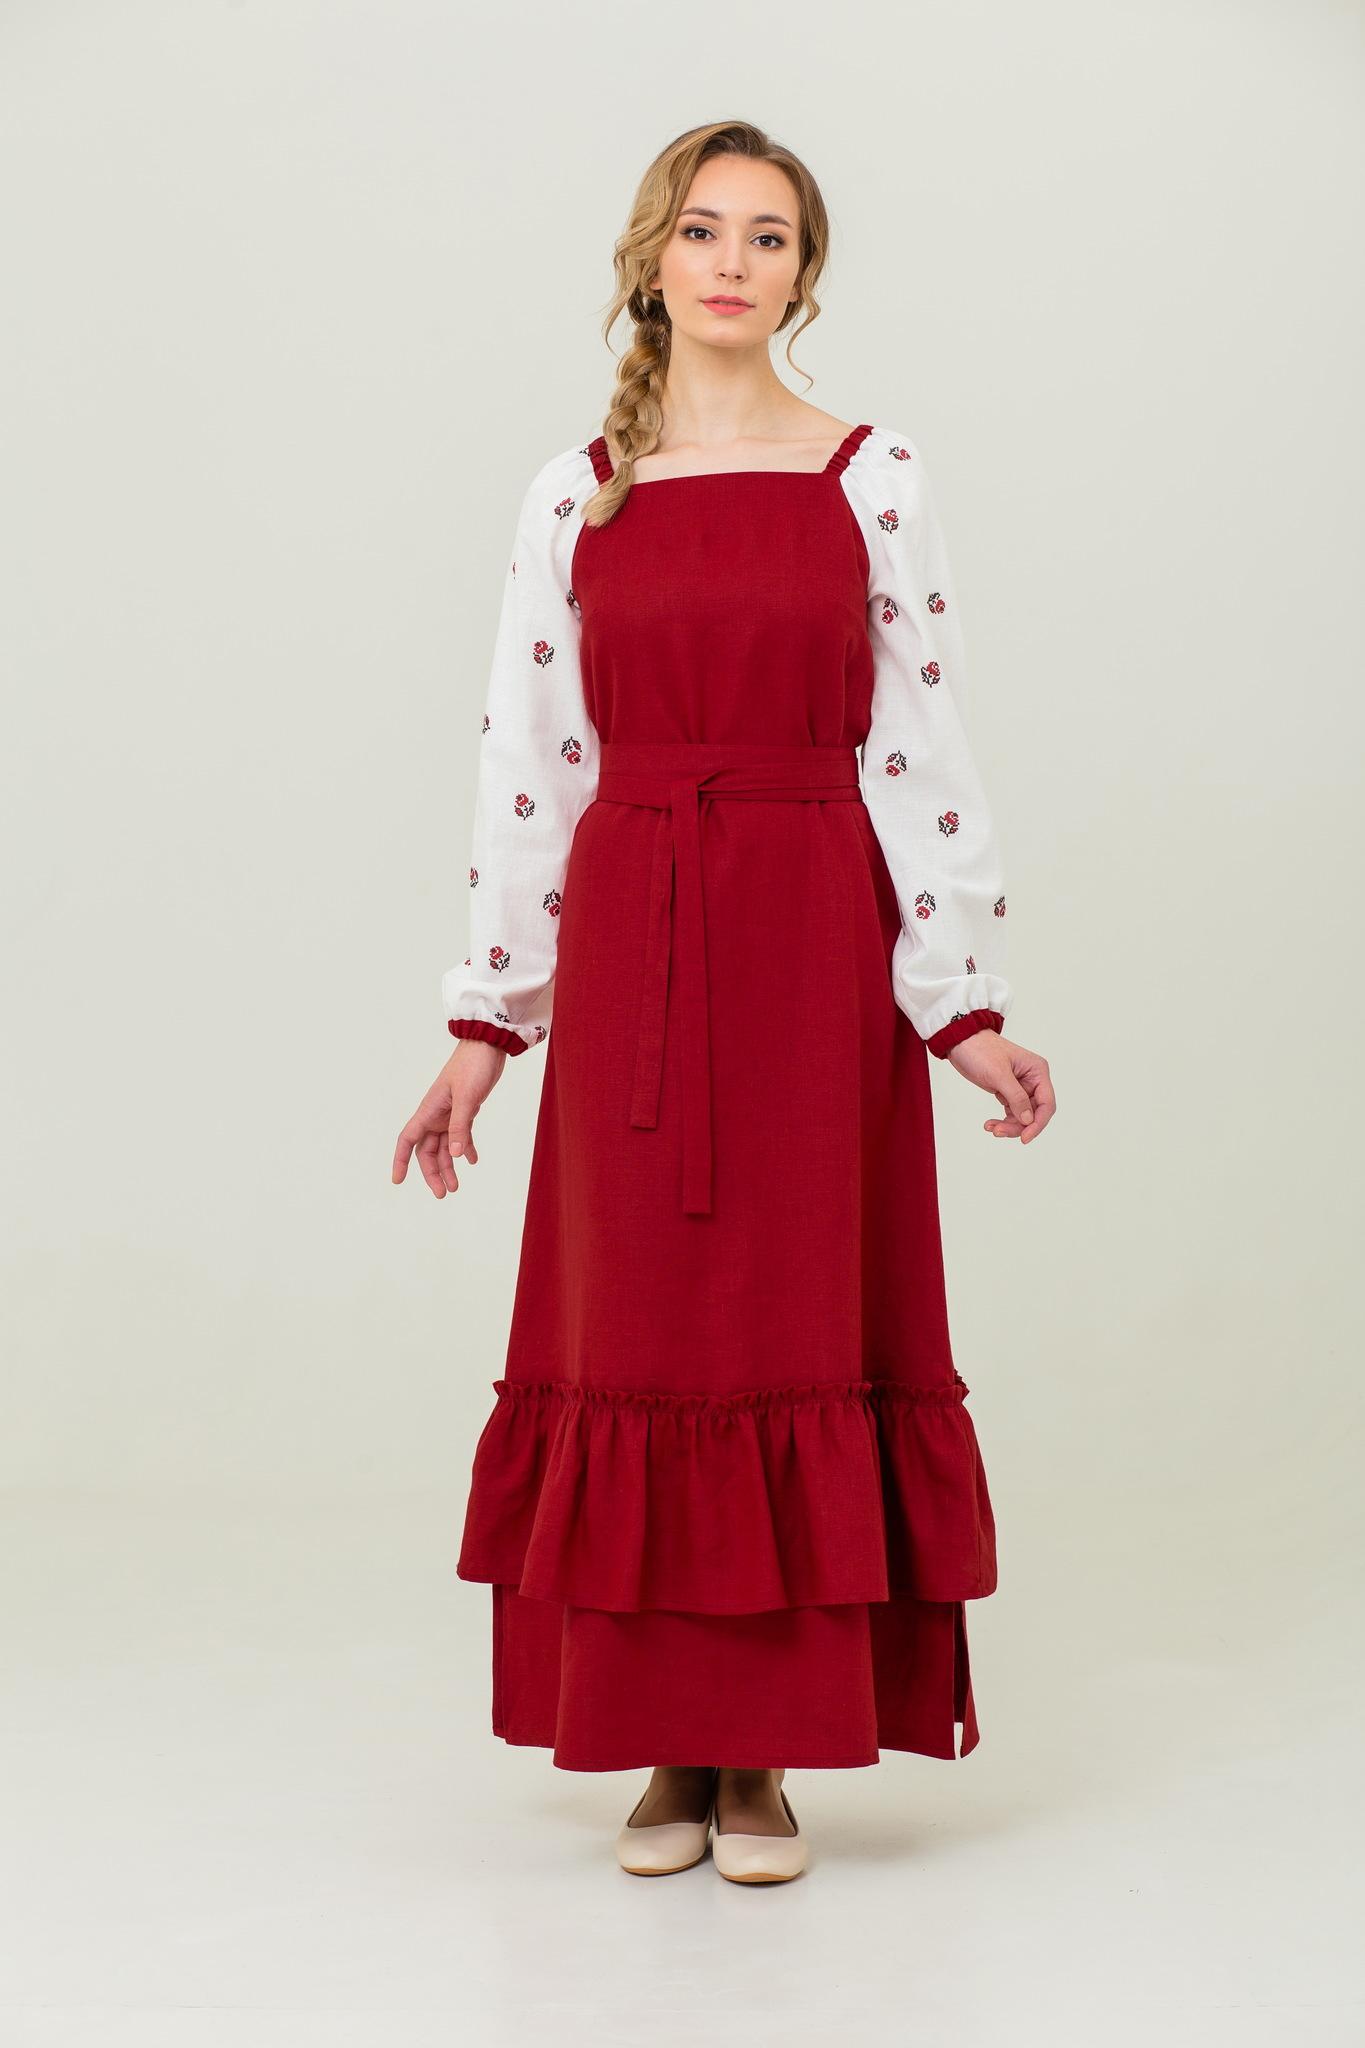 Льняное платье в русском стиле Алёнушка